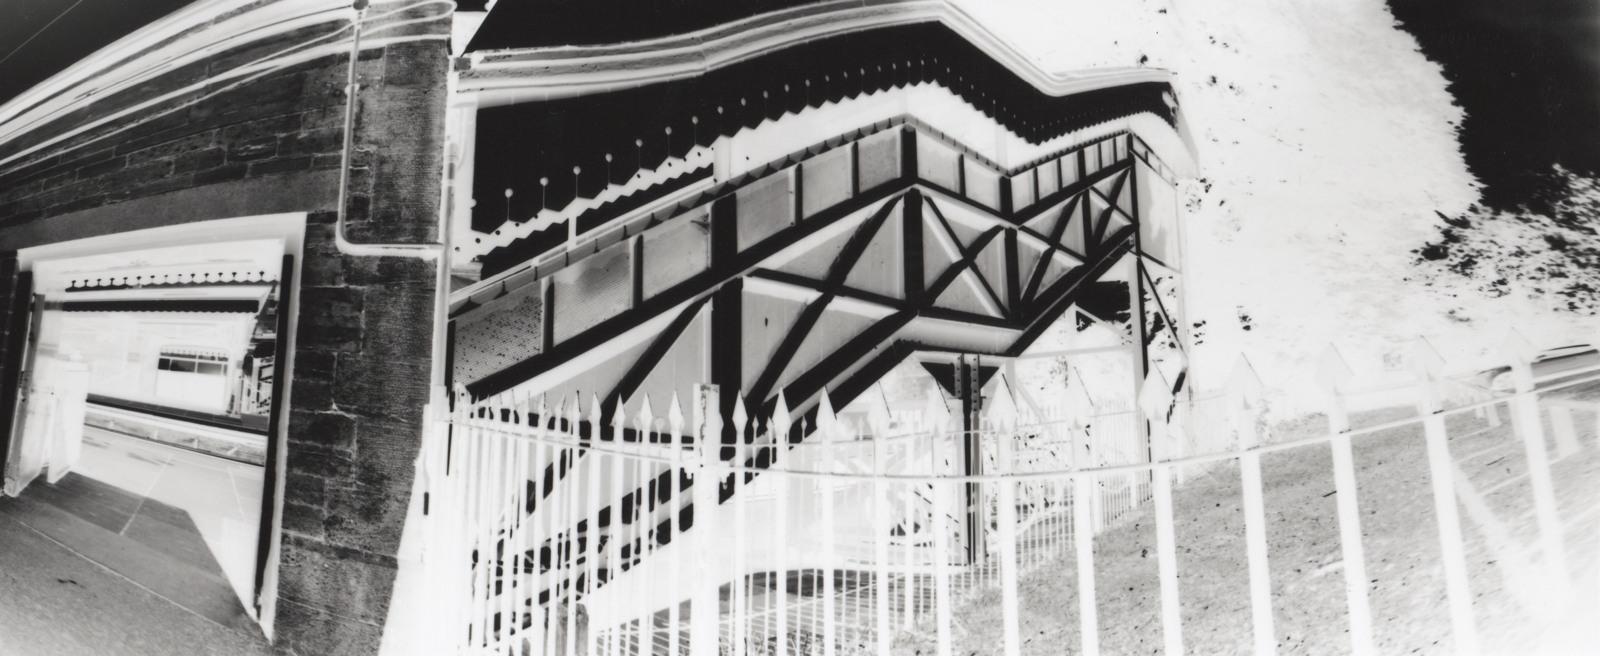 2. Station Steps